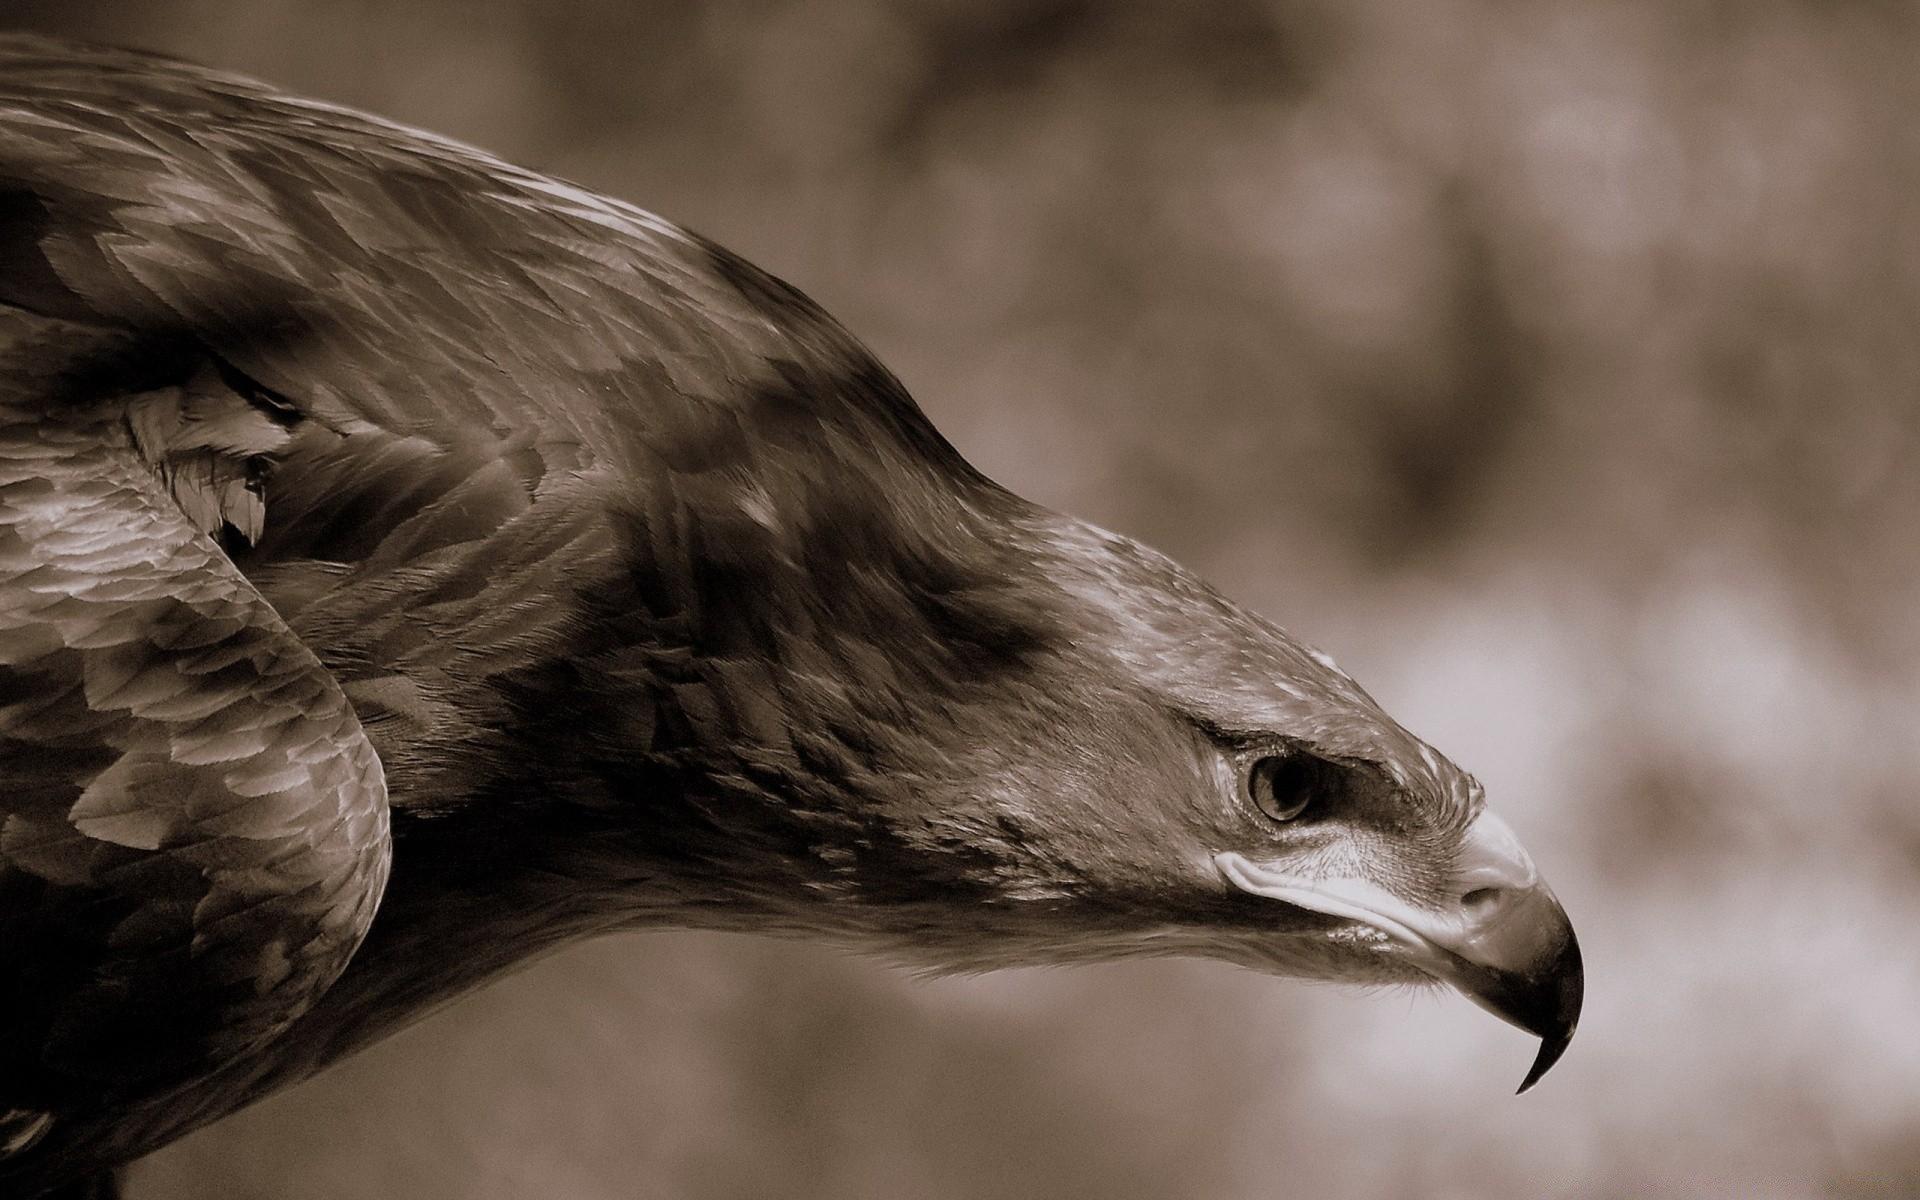 небогатой картинки на аву животных и птицы данном